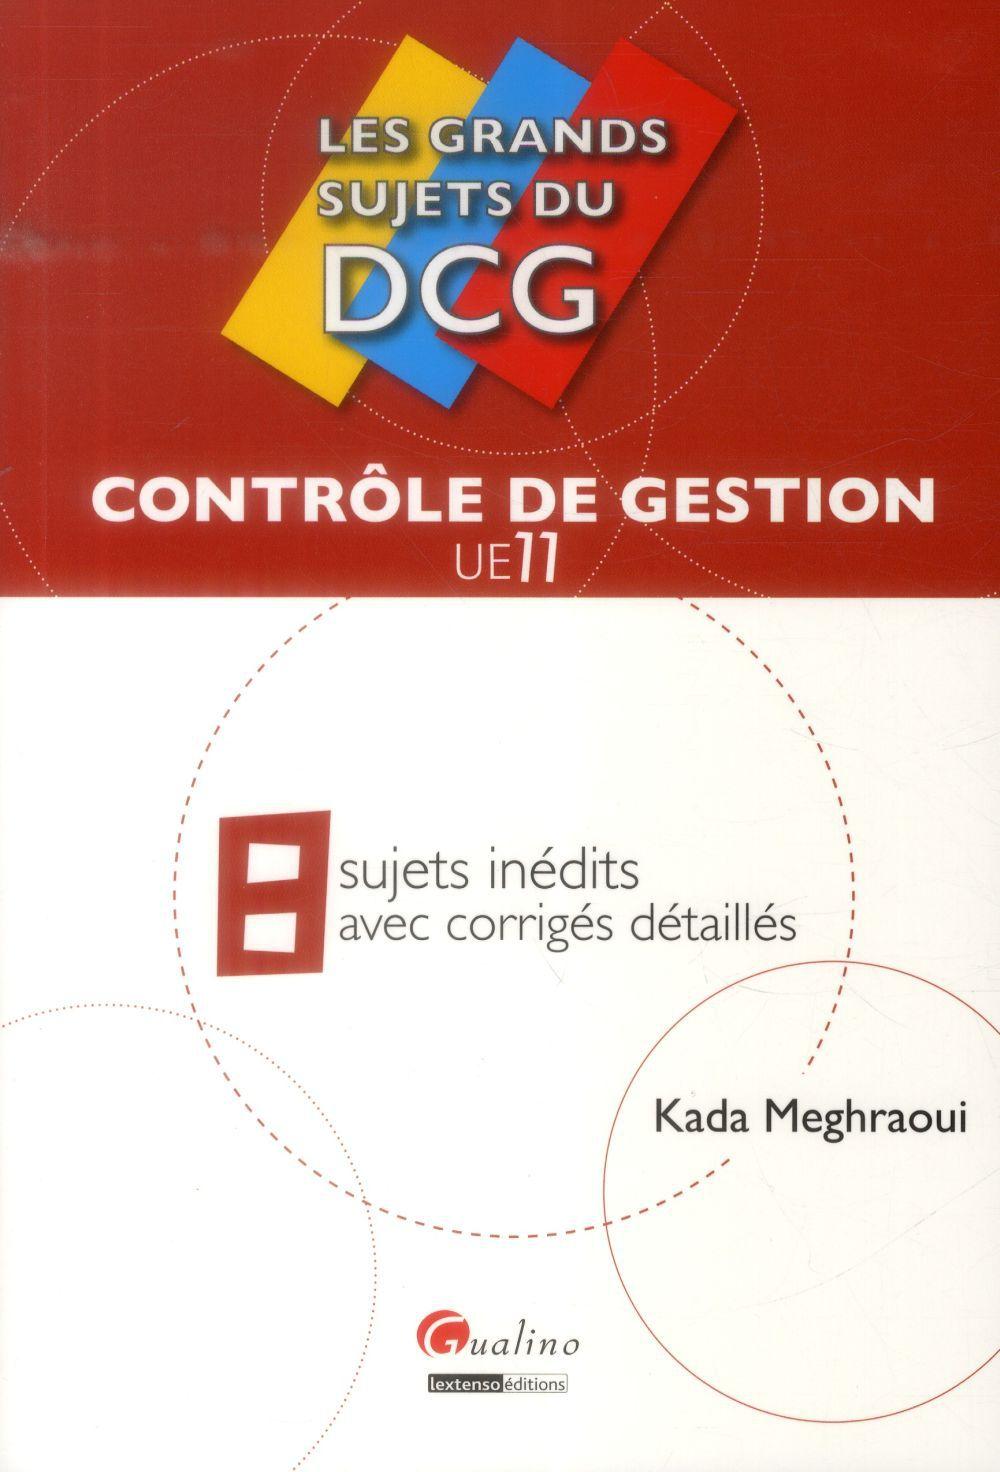 Kada Meghraoui Contrôle de gestion - UE 11